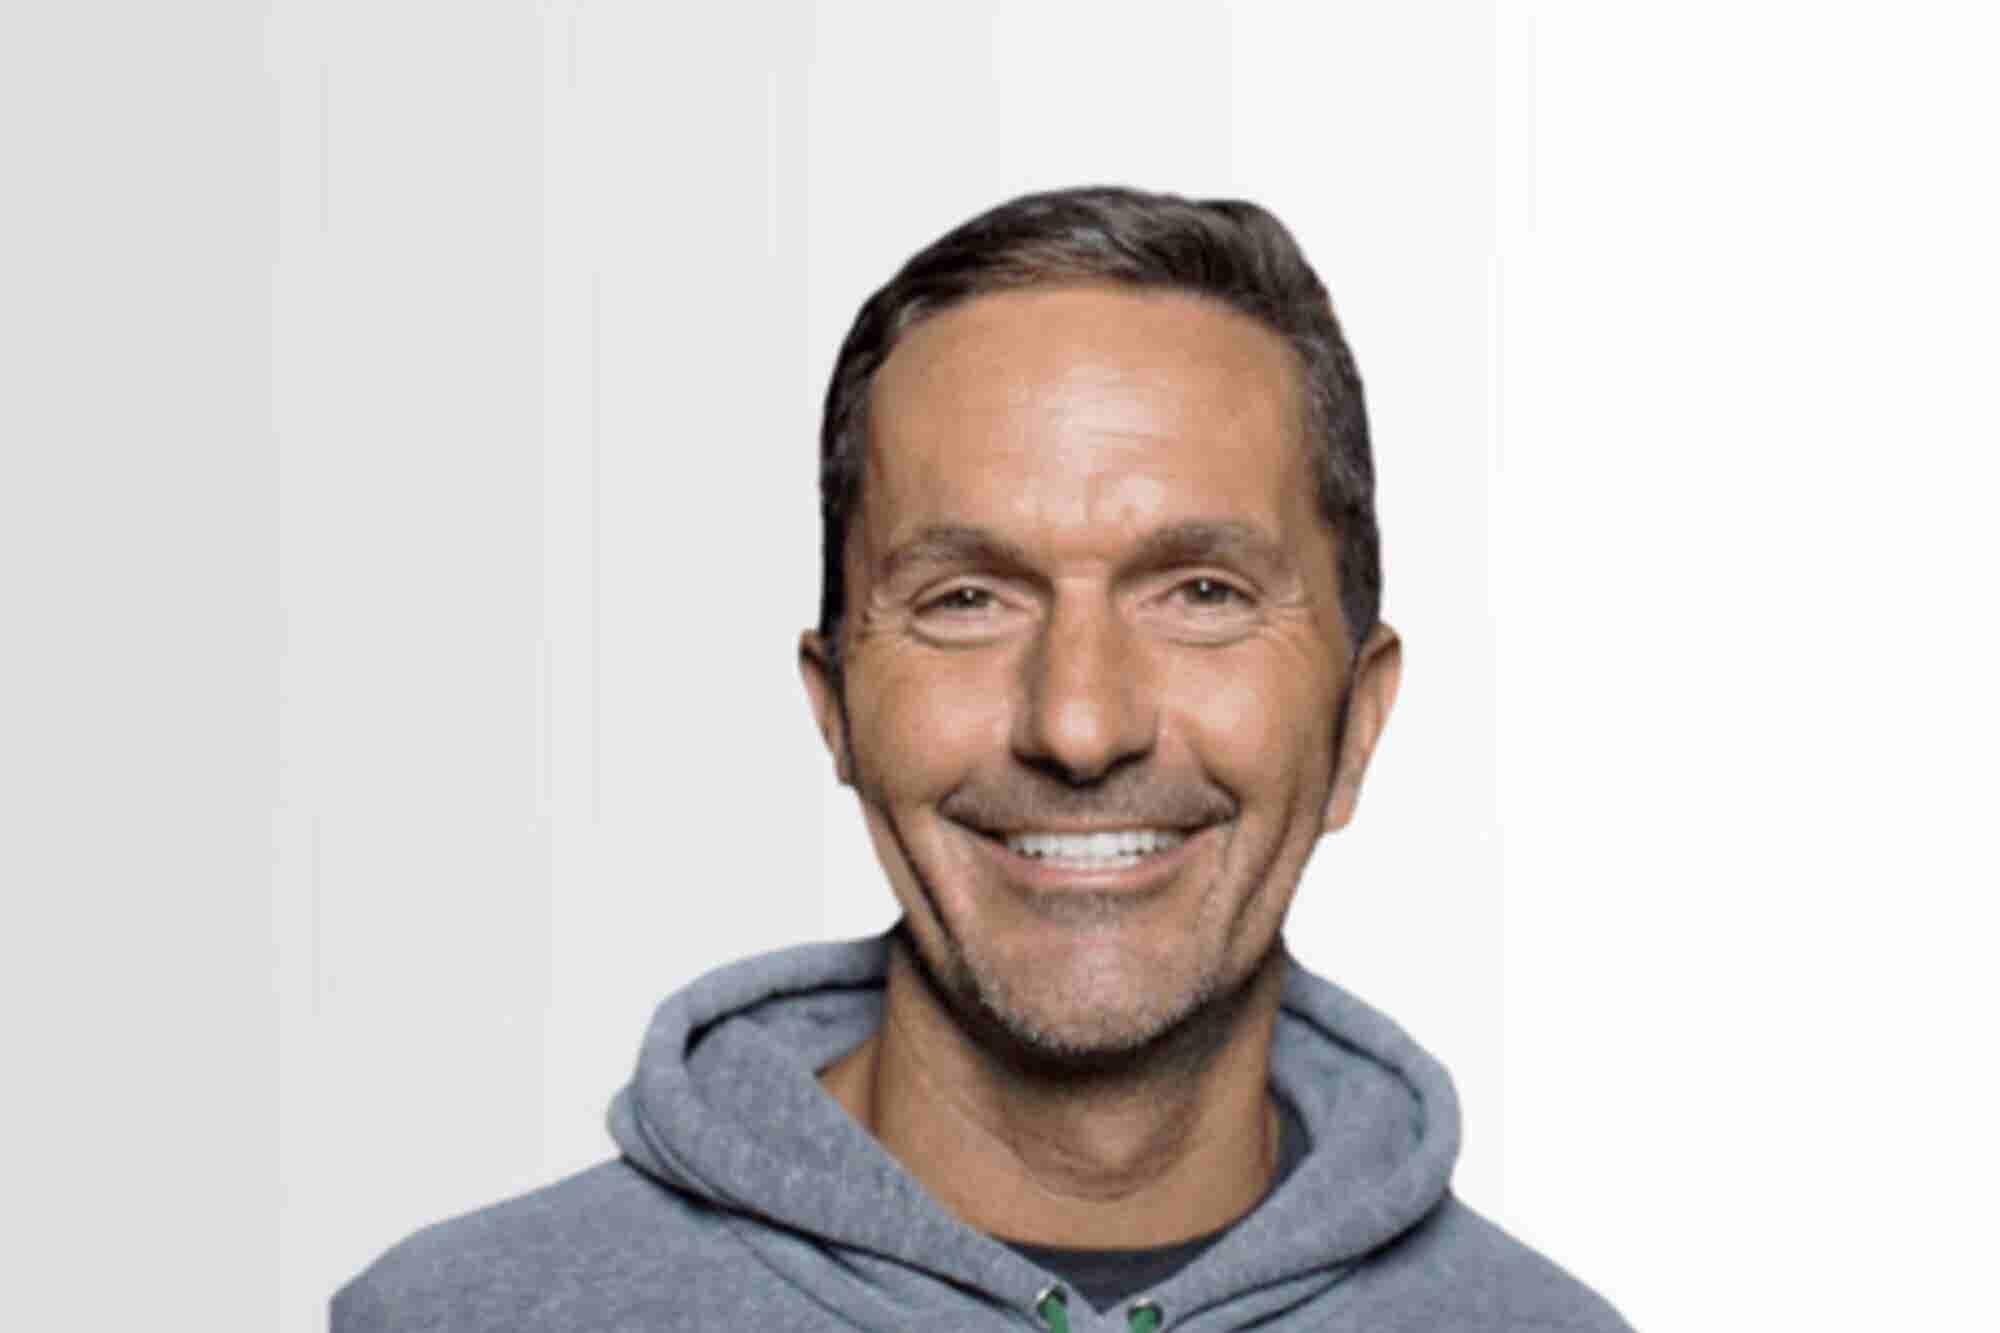 De drogadicto sin hogar a millonario: Khalil Rafati te dice cómo ser exitoso (incluso si no eres inteligente)